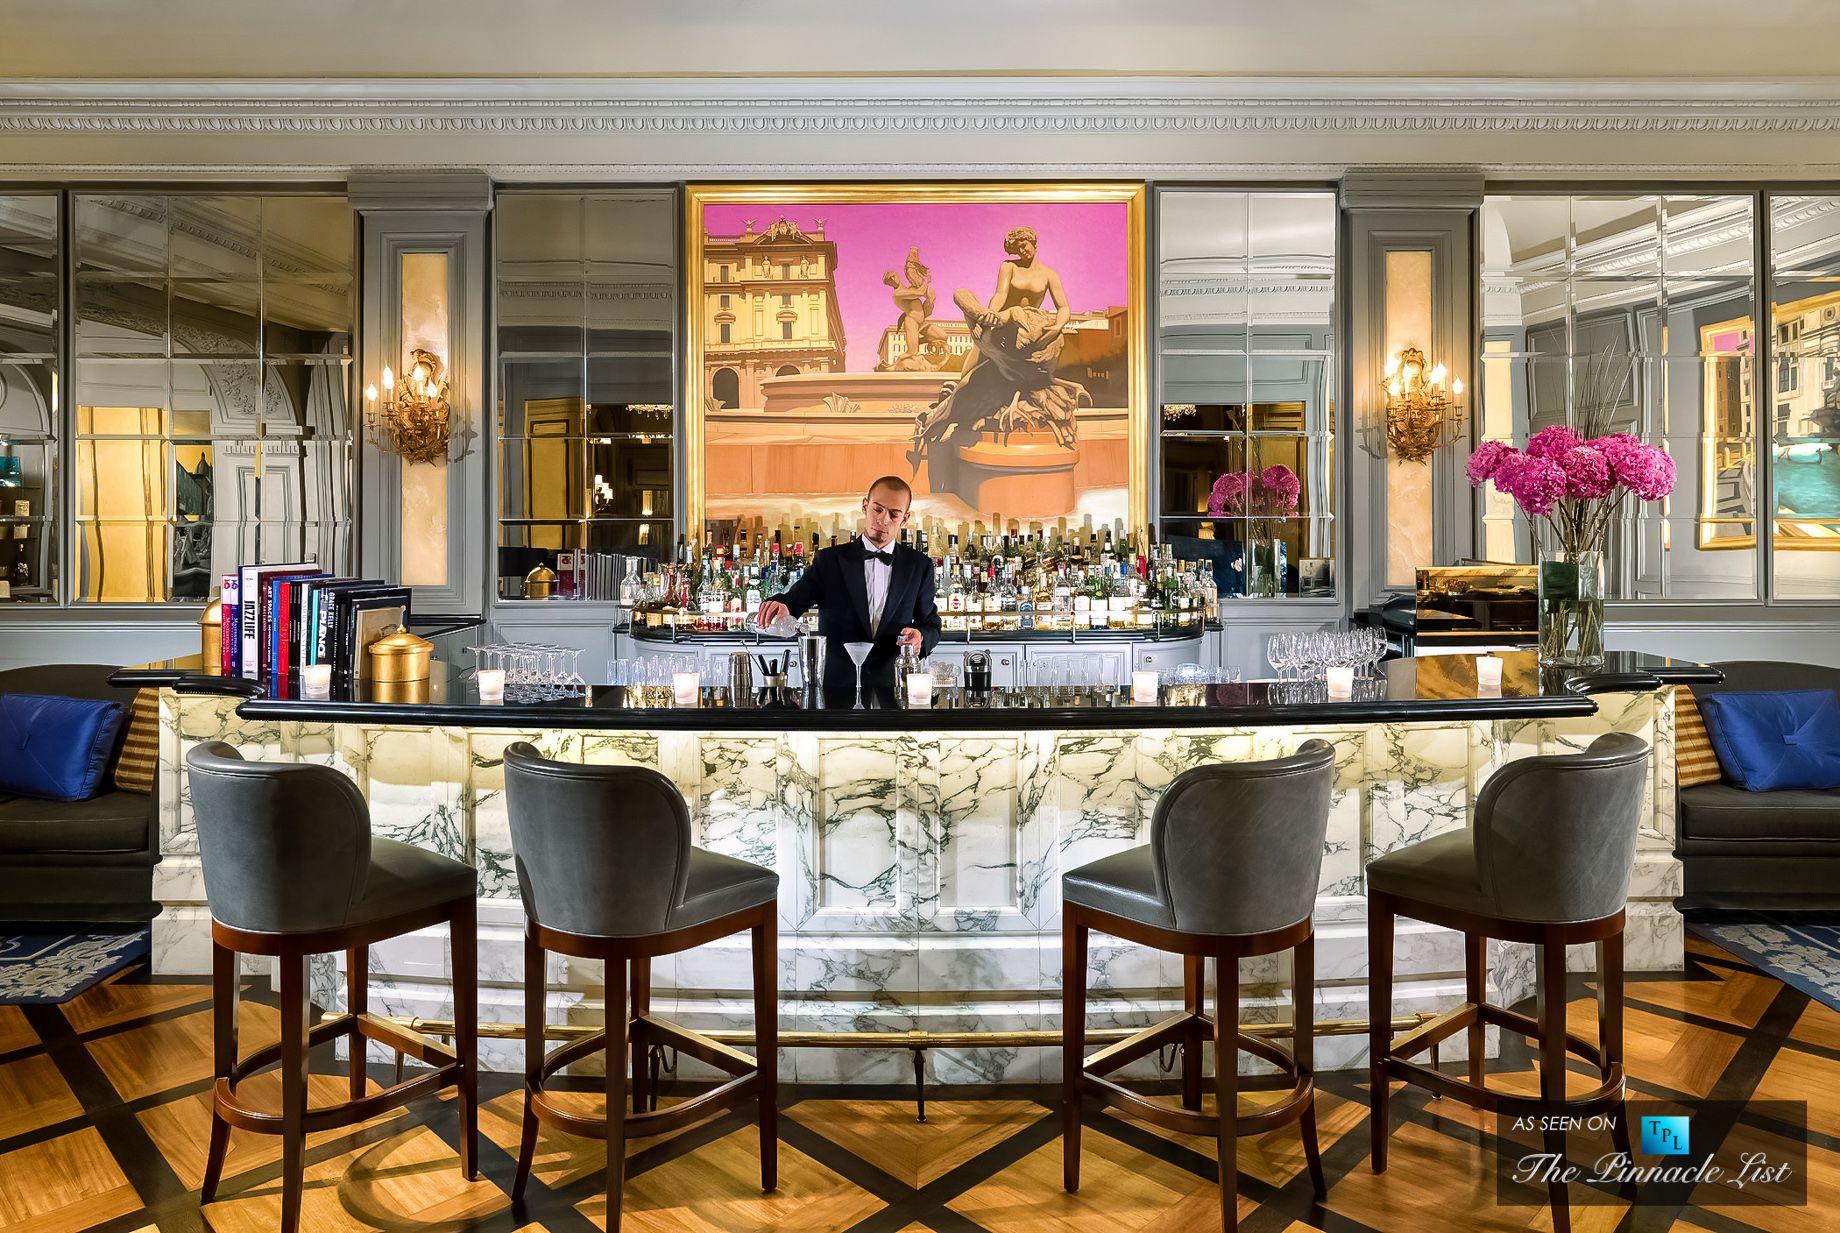 St. Regis Luxury Hotel - Rome Italy Bar Detail Bars